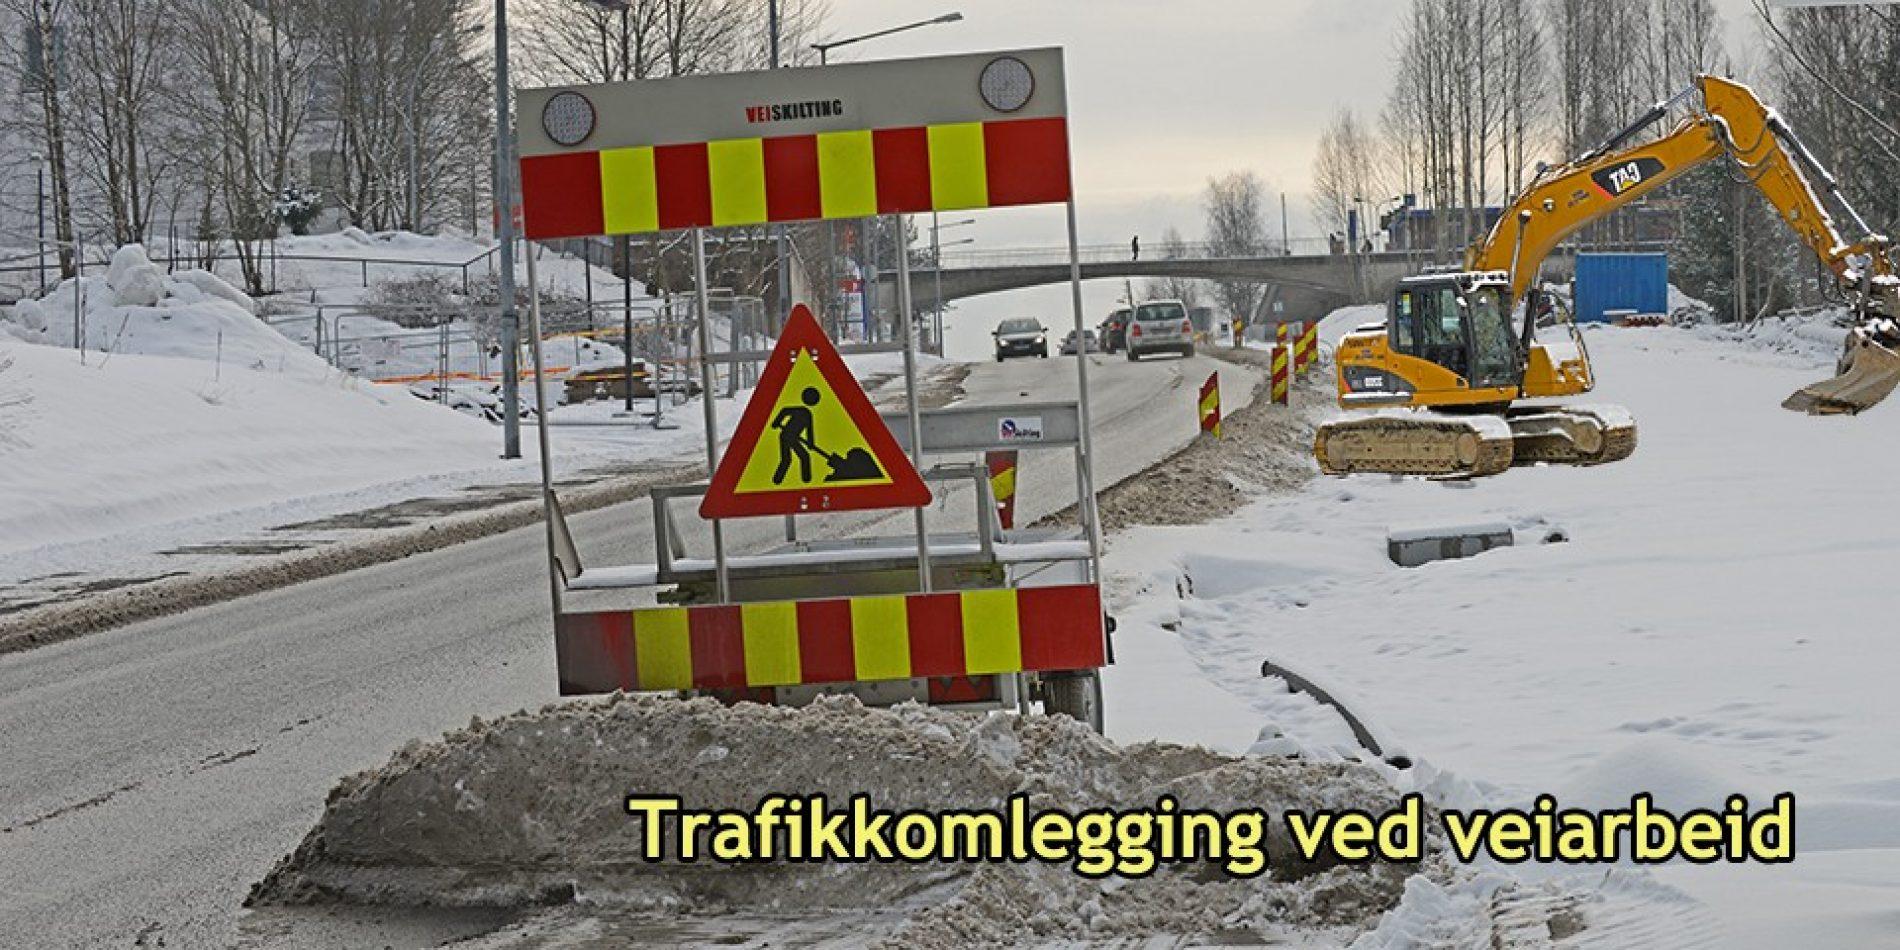 Alt innen trafikkomlegging og skilting